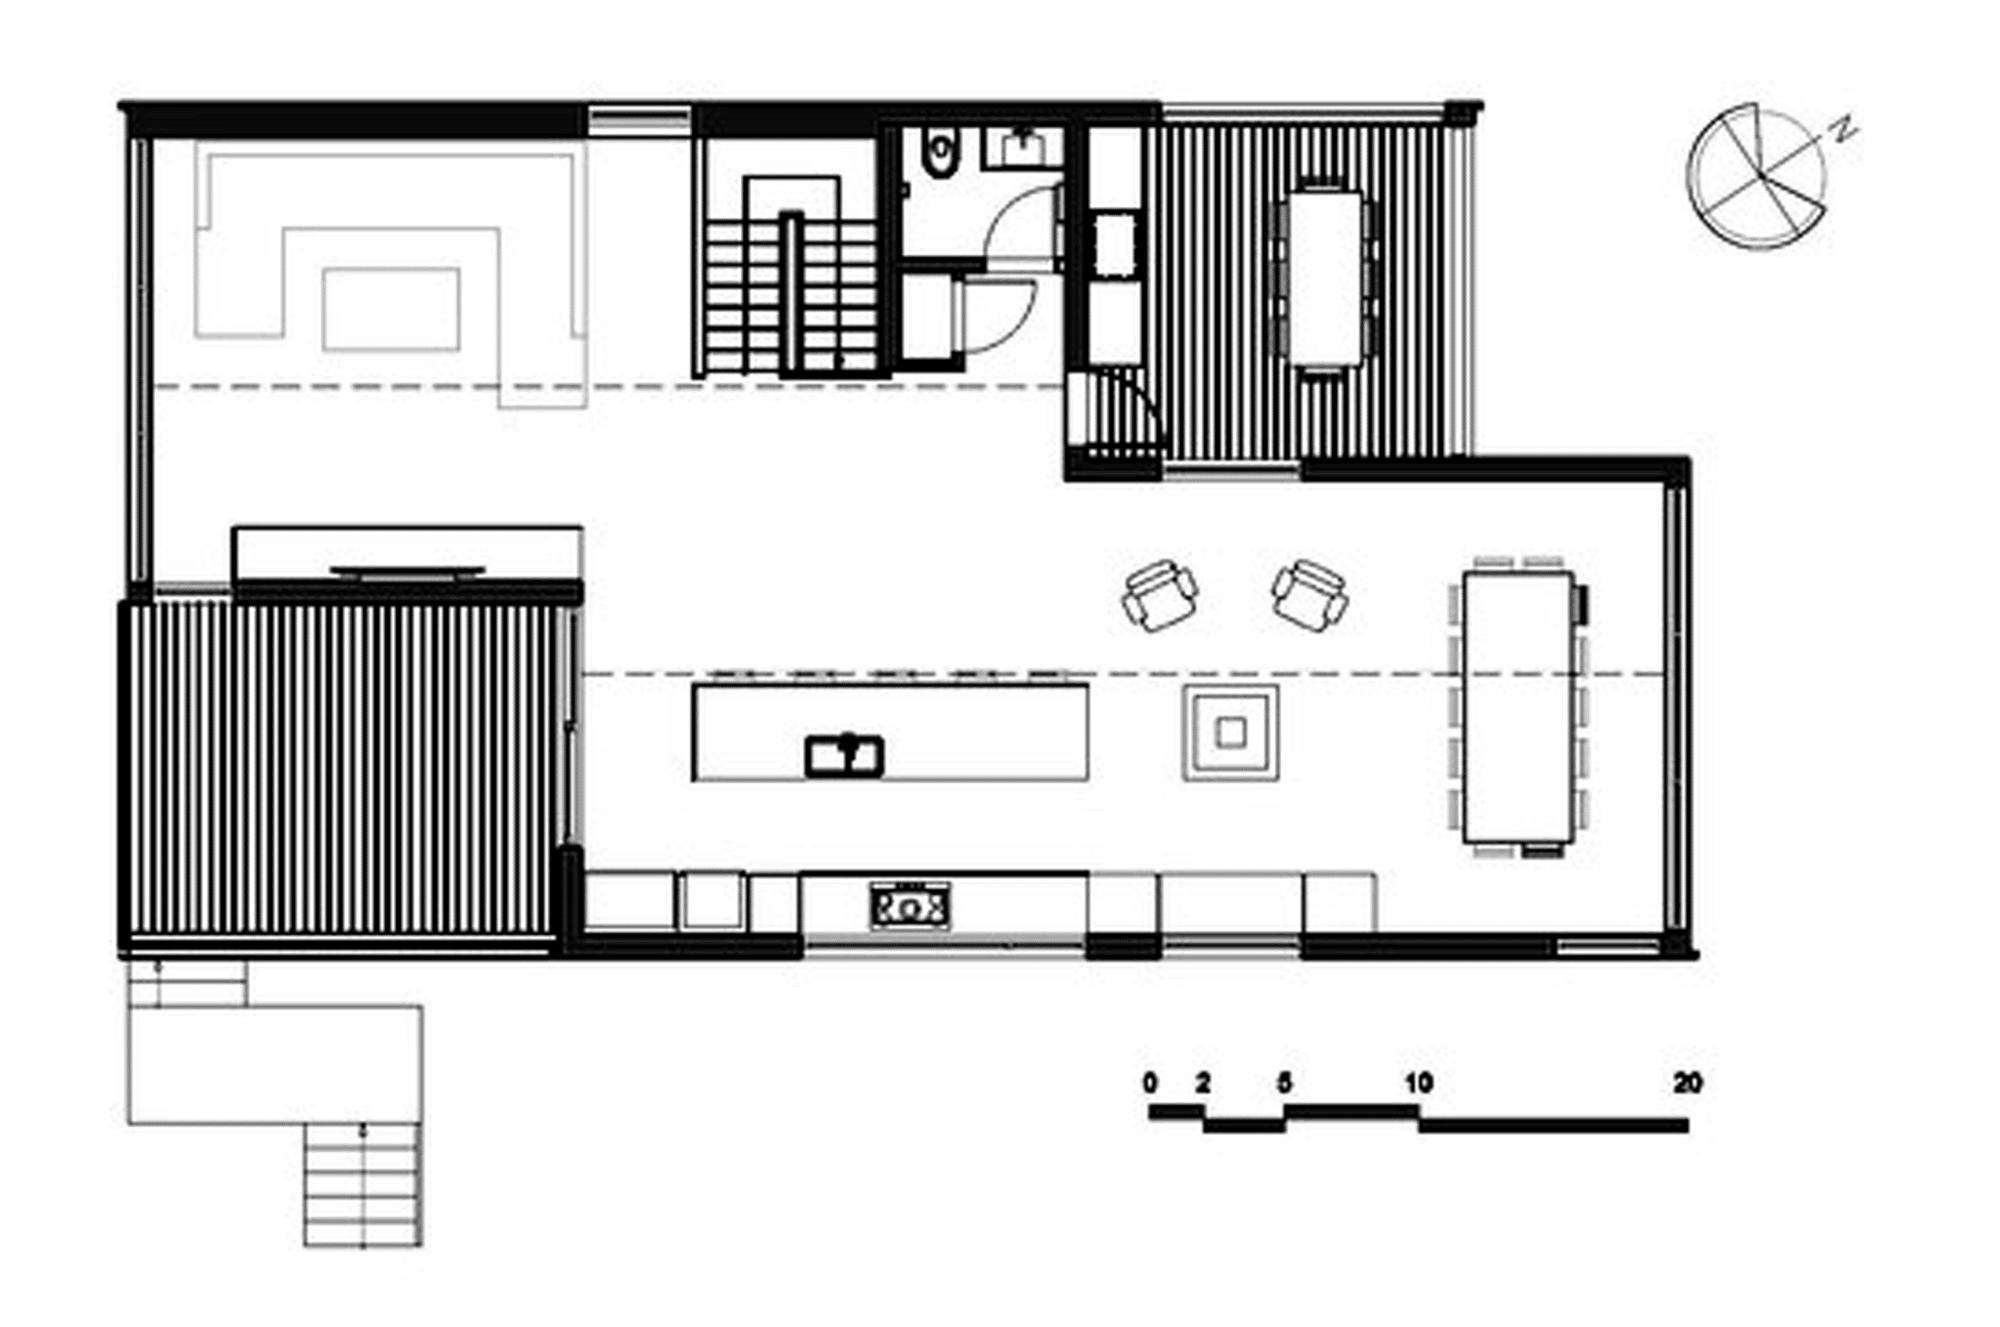 Dise o de casa moderna de dos pisos m s s tano planos for Planos de cocinas modernas